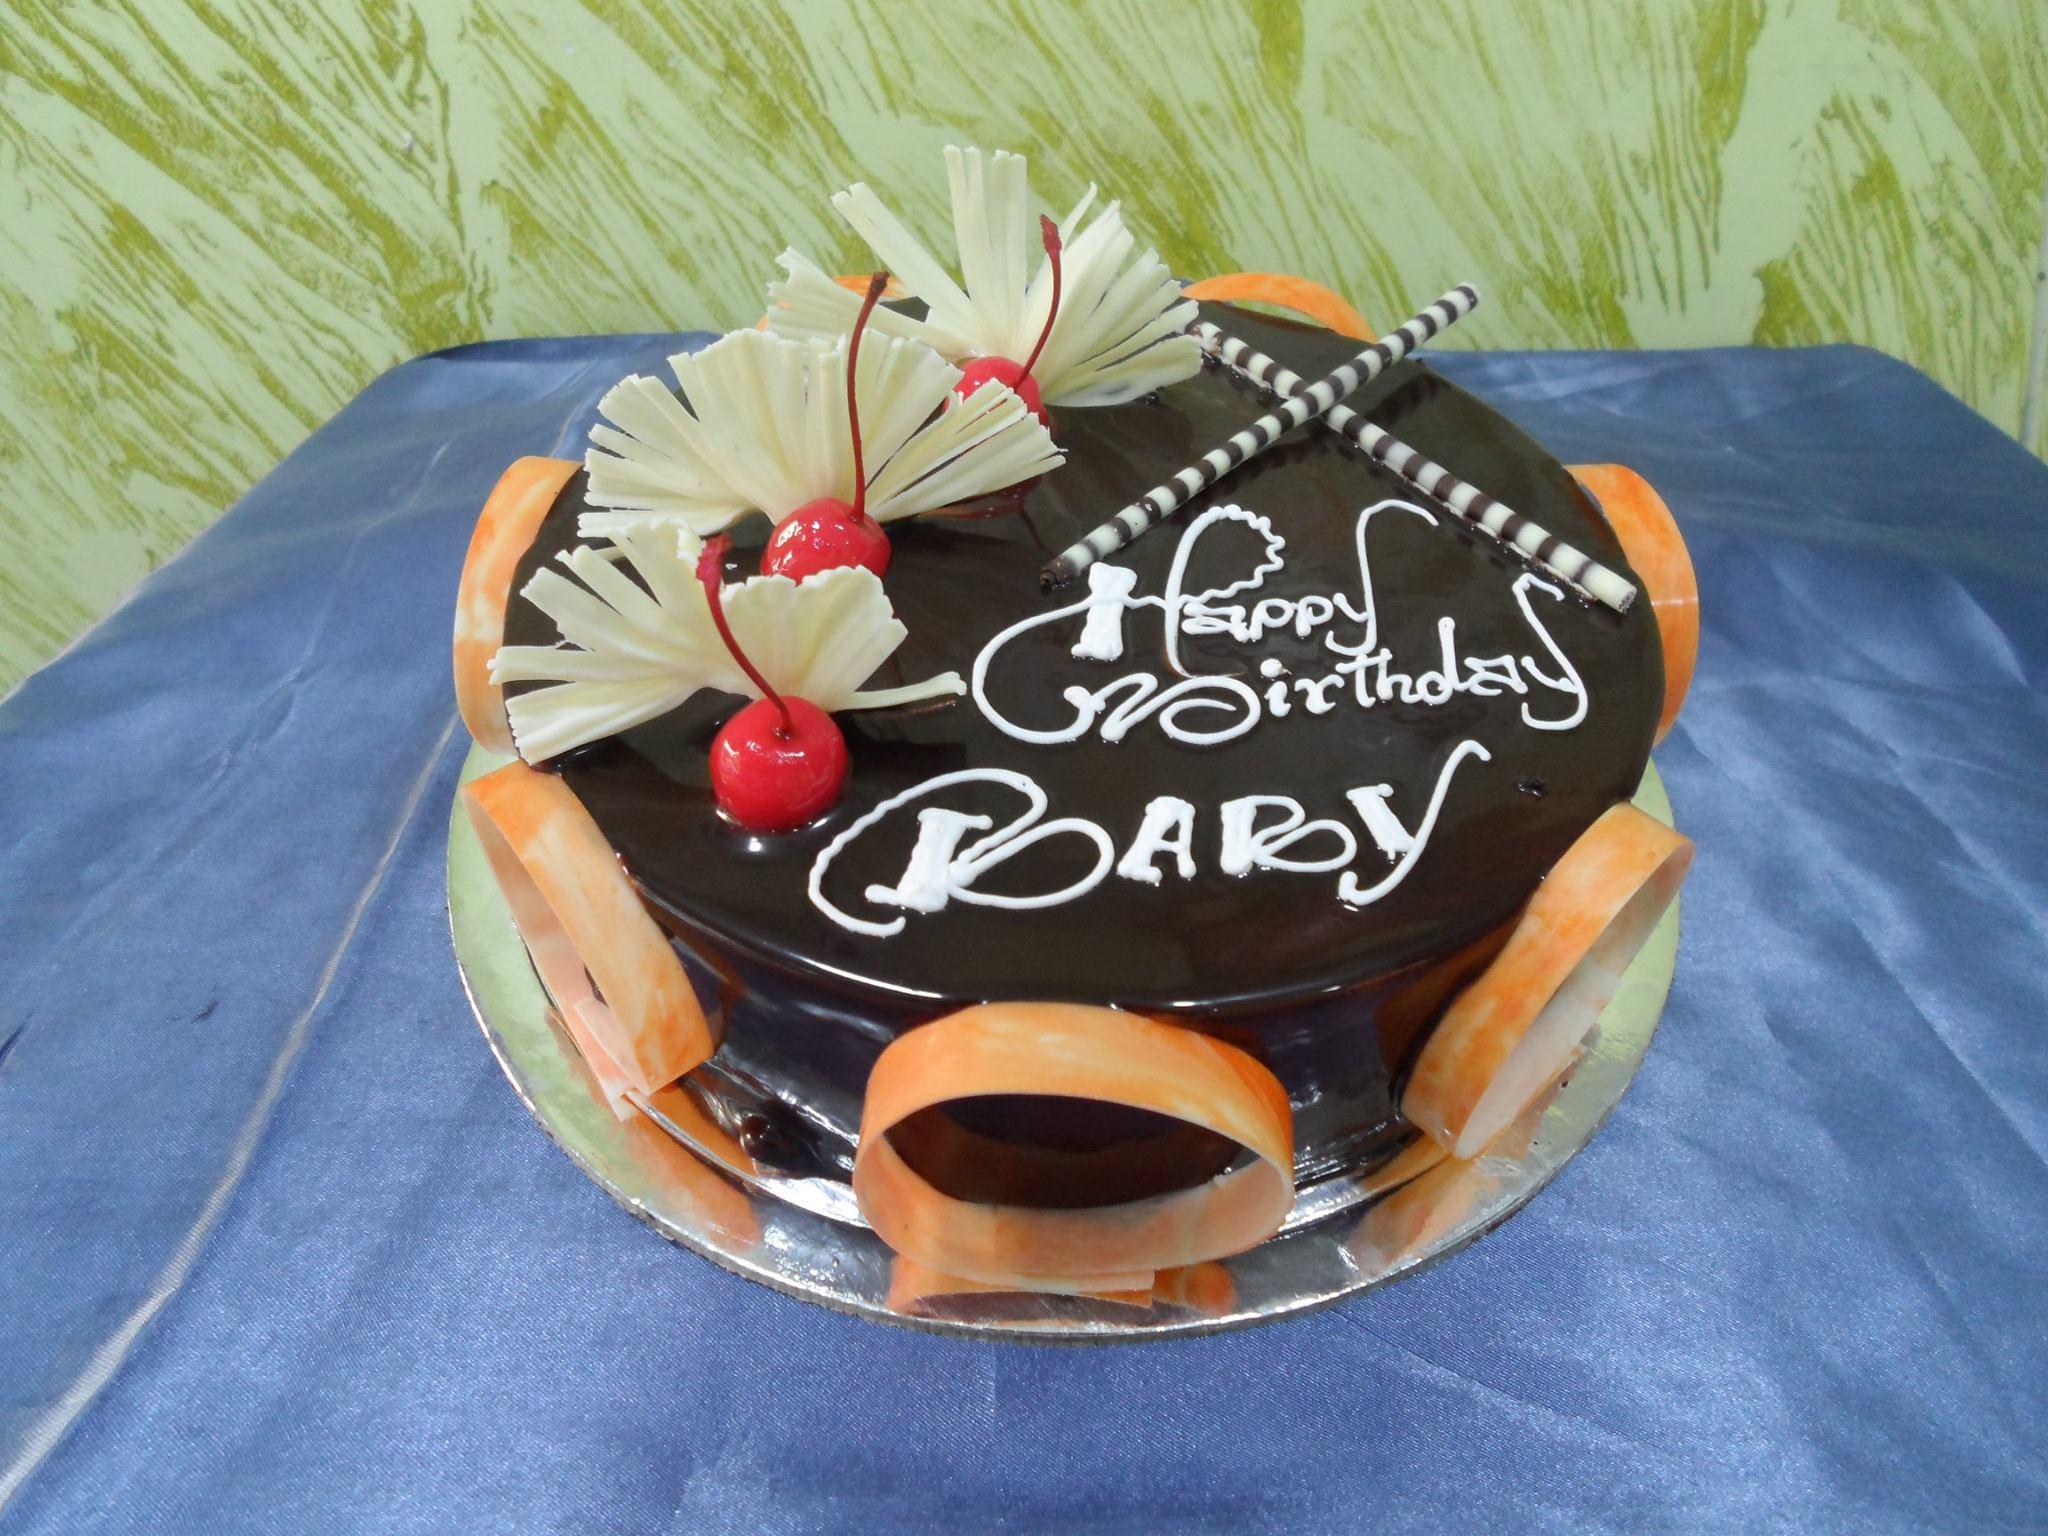 PREMIUM CHOCO TRUFFLE CAKE